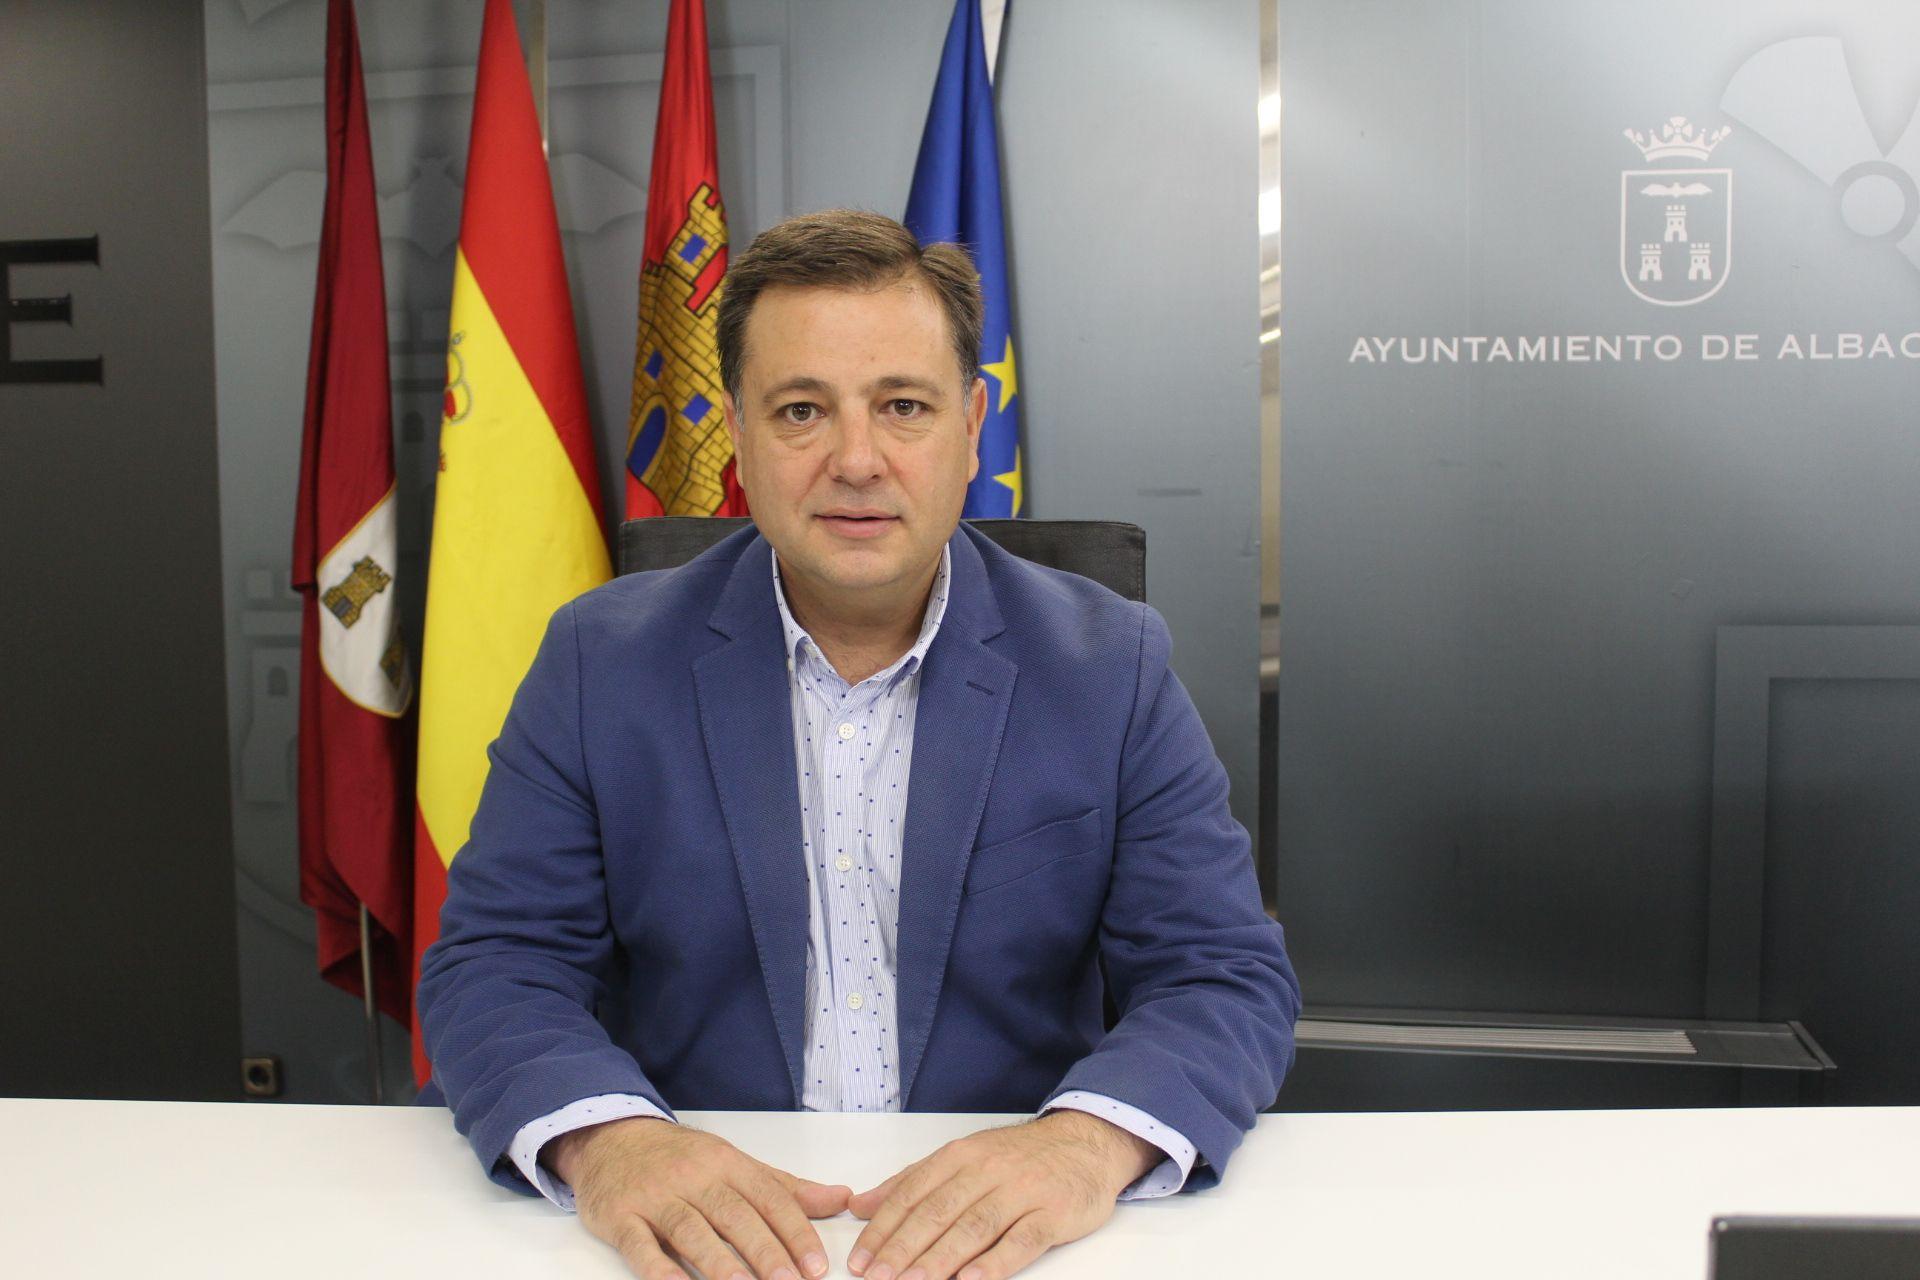 Manuel Serrano afirma que el alcalde de Albacete, Vicente Casañ, ha protagonizado un año carente de ideas, iniciativas y tan solo ha rematado algunos proyectos iniciados por el PP